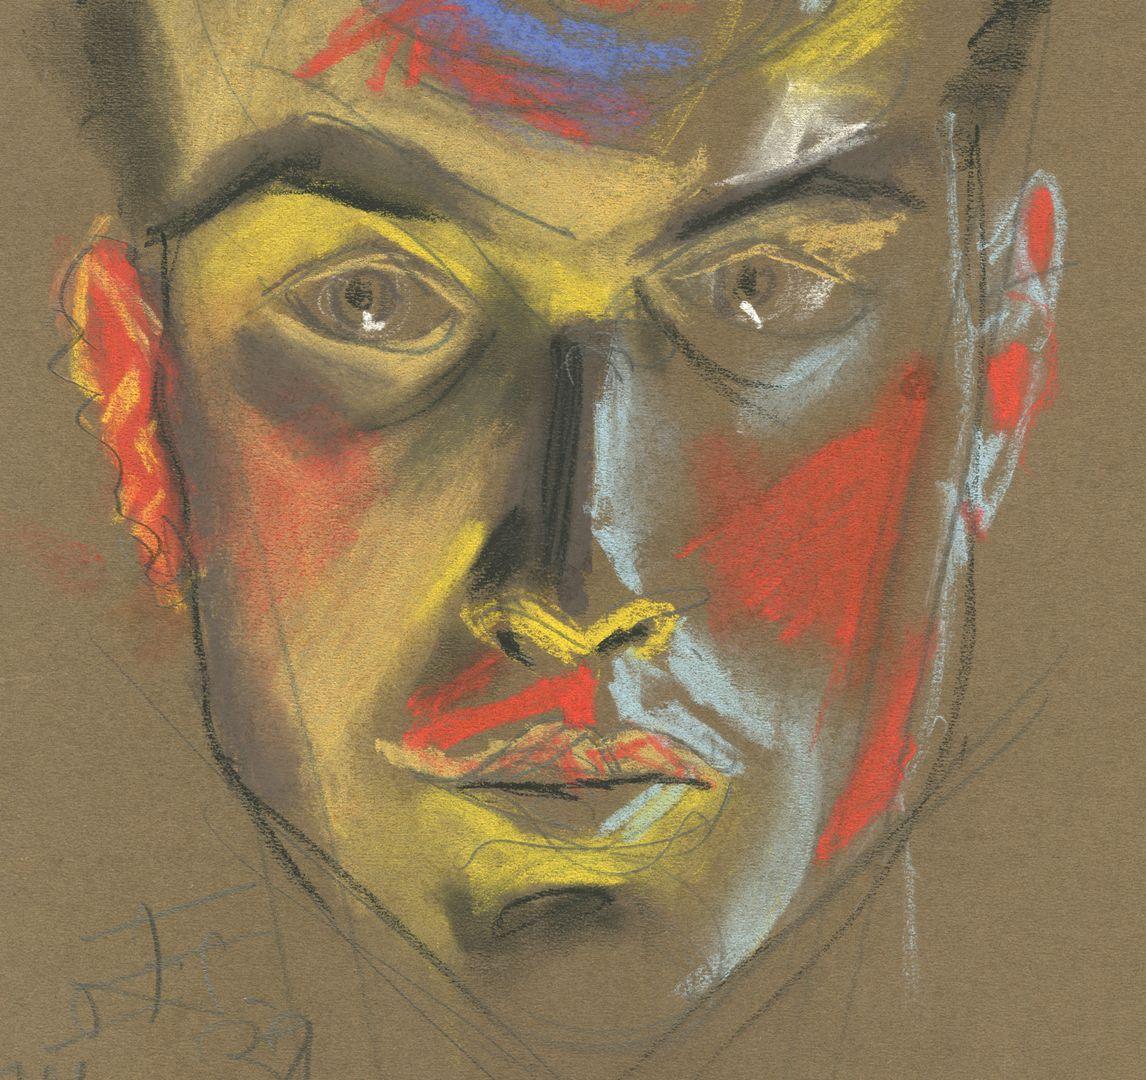 Expressionistisches Selbstporträt Detailansicht